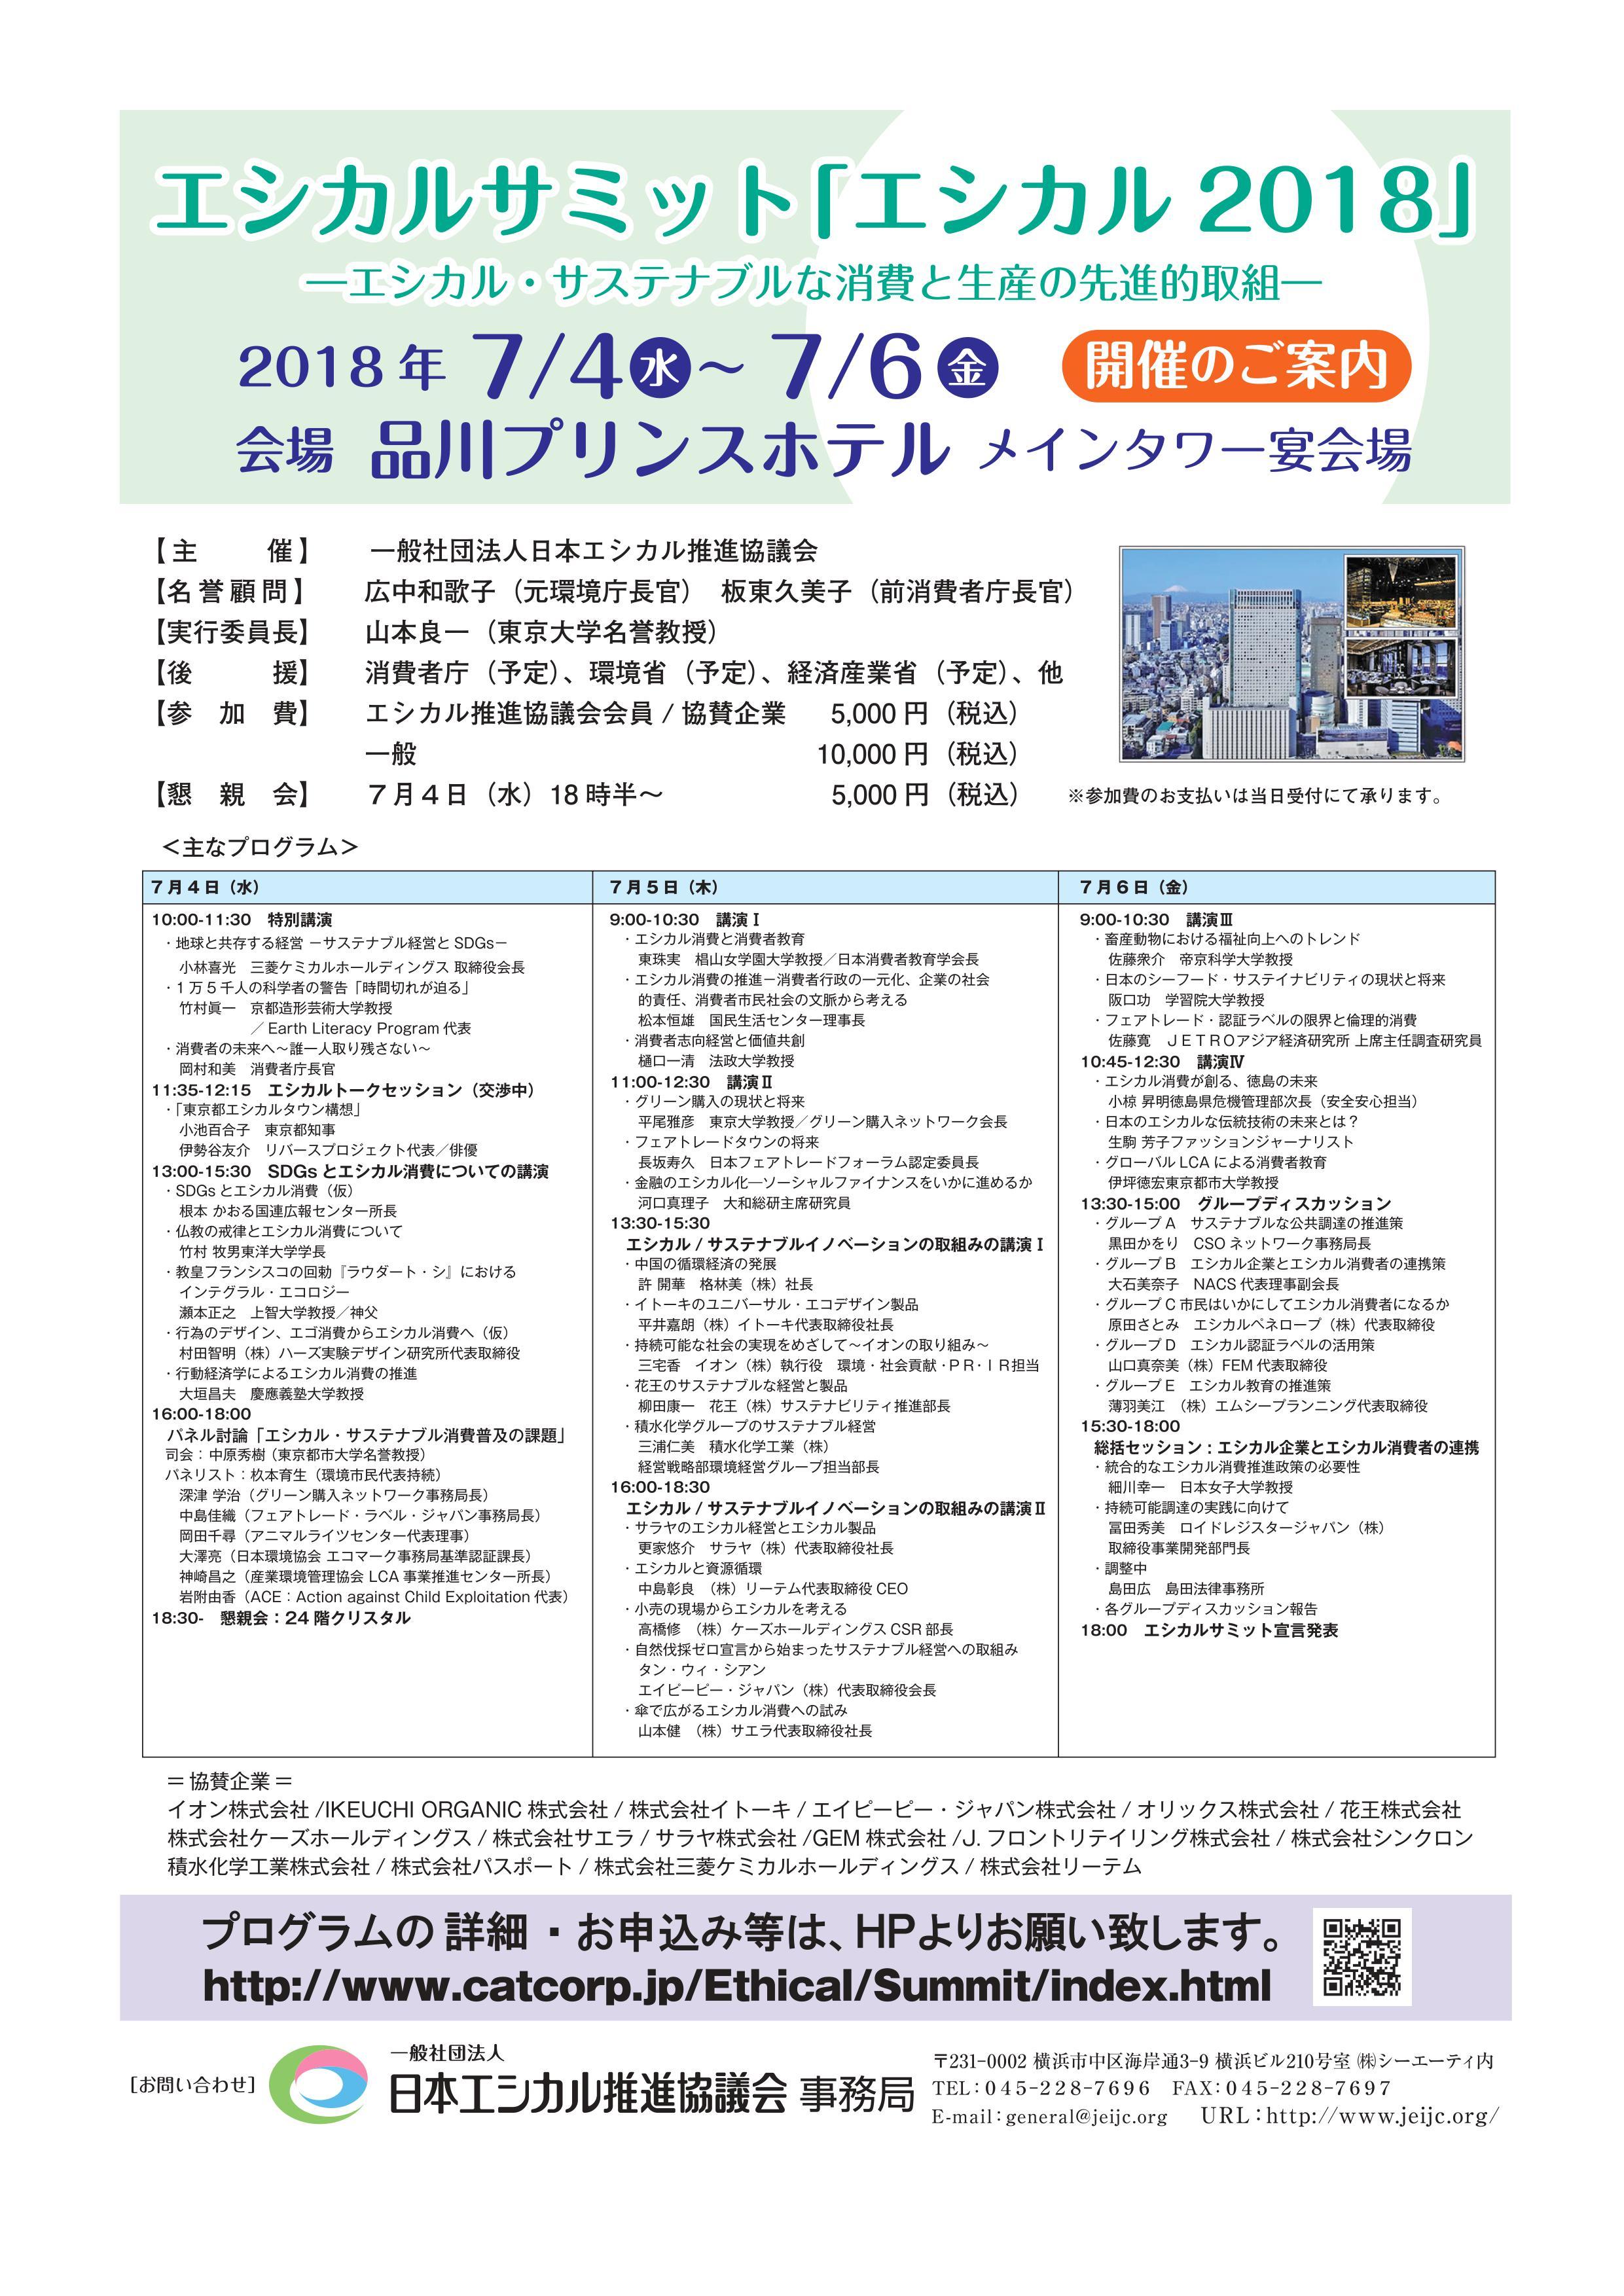 小池都知事と俳優・伊勢谷友介氏の対談も~7月4~6日にエシカルサミット開催